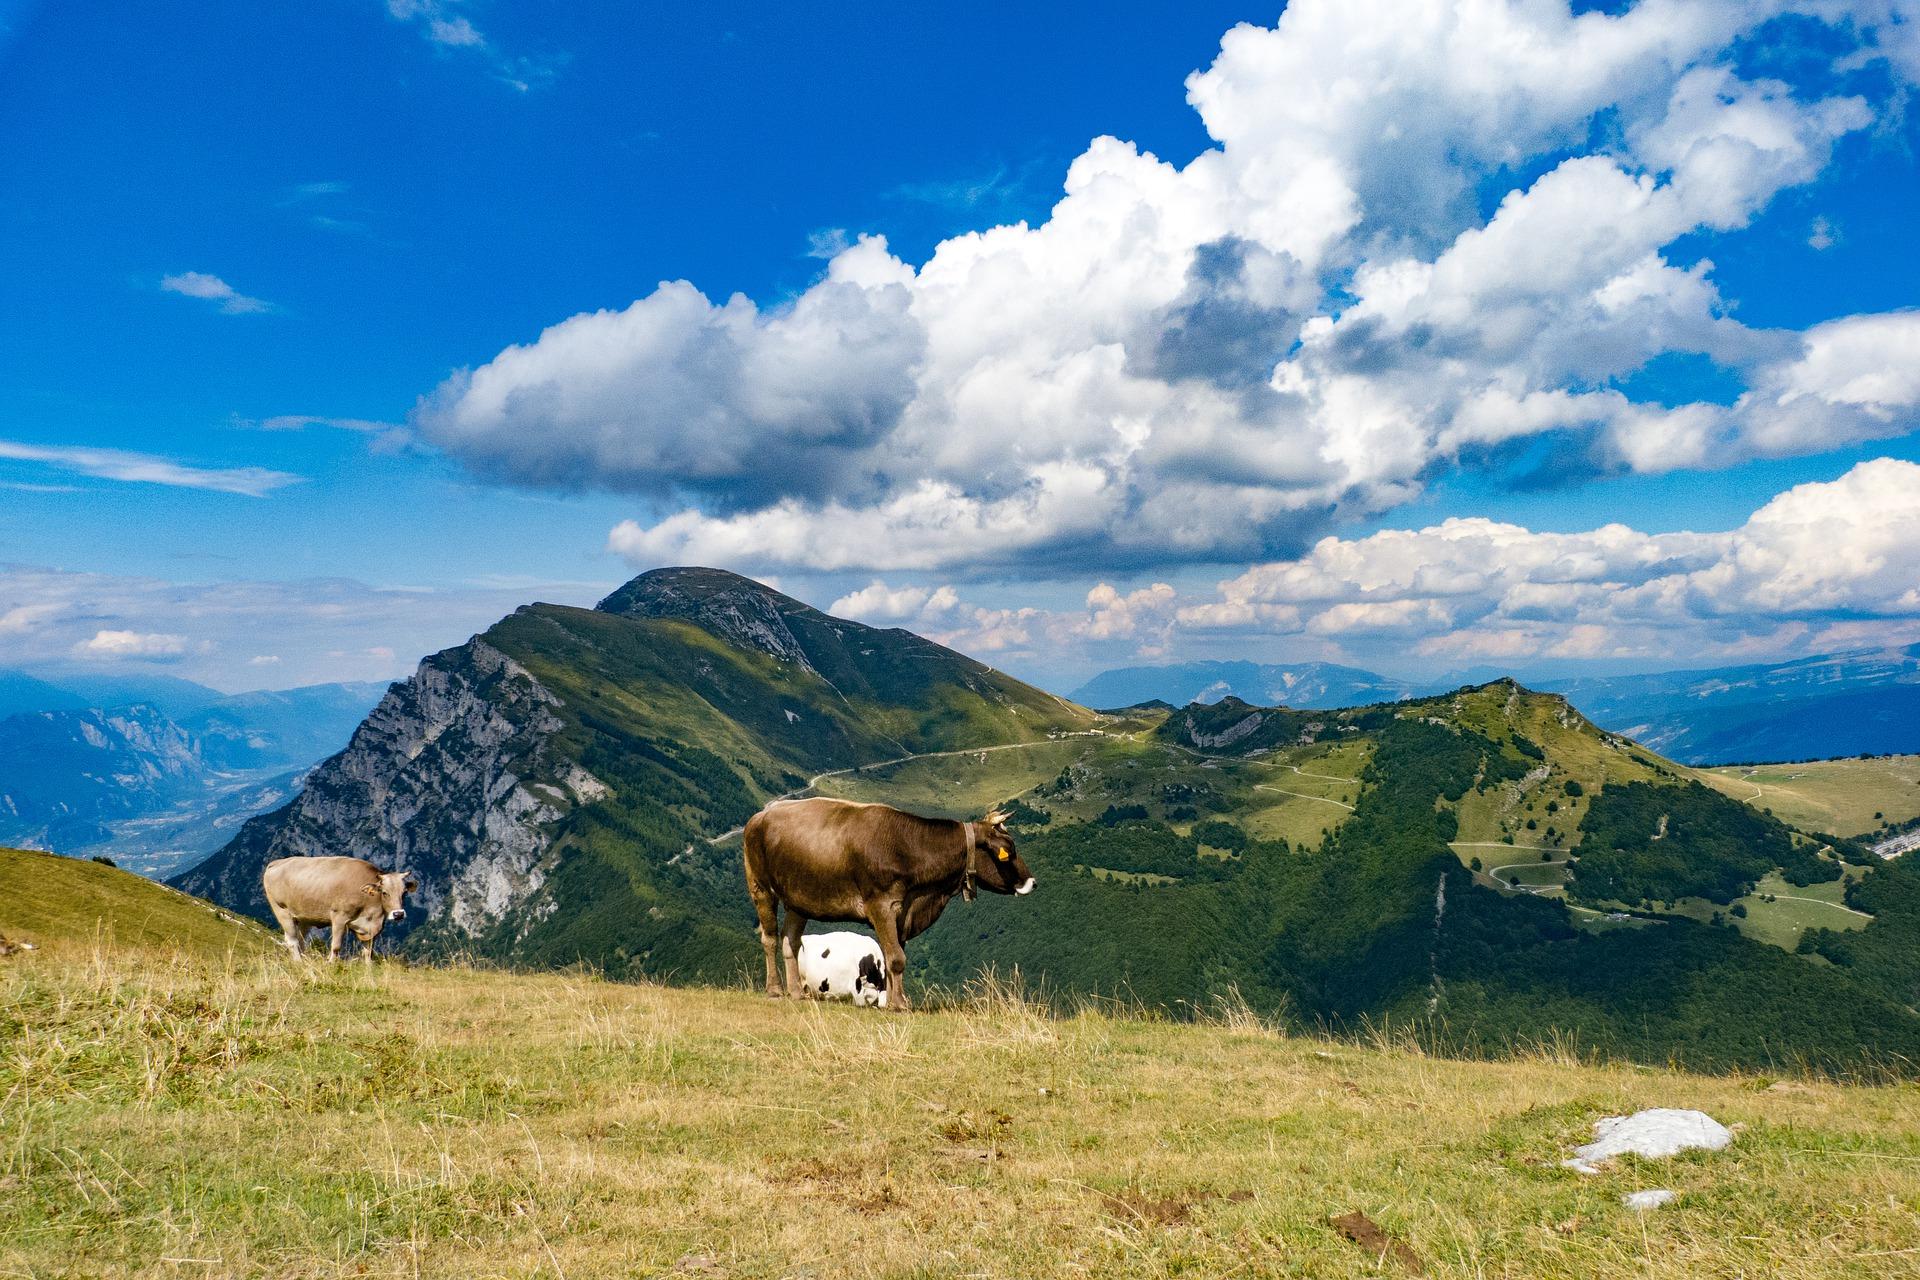 mountains-5016483_1920